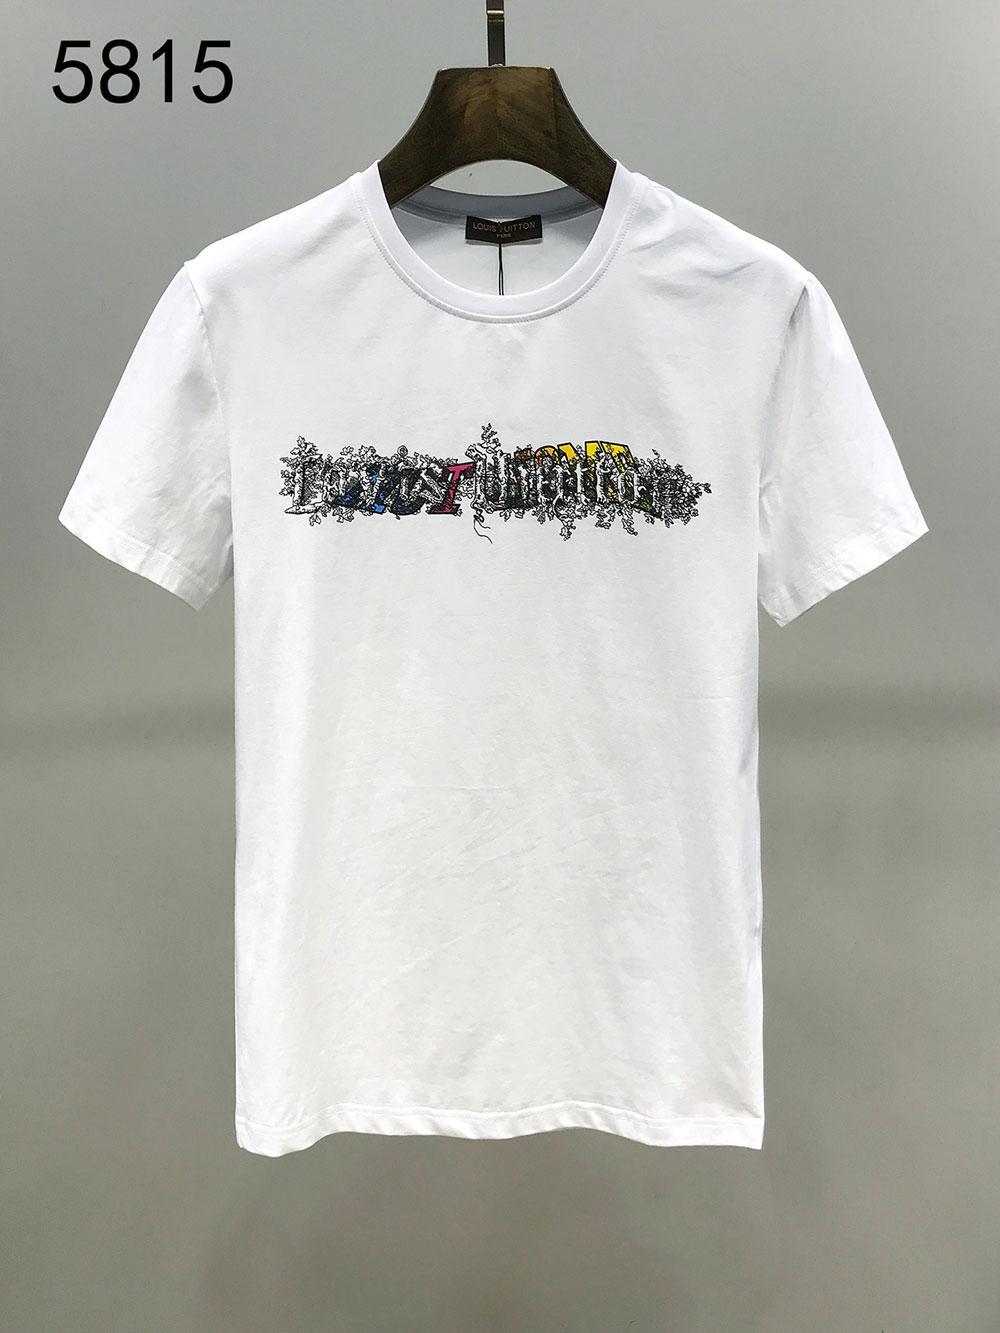 2020 Astroworld T-SHIRT Travis Scott T-shirt à manches courtes T T-shirt Hip Hop Astroworld Noir T T-shirt Taille S-3XL